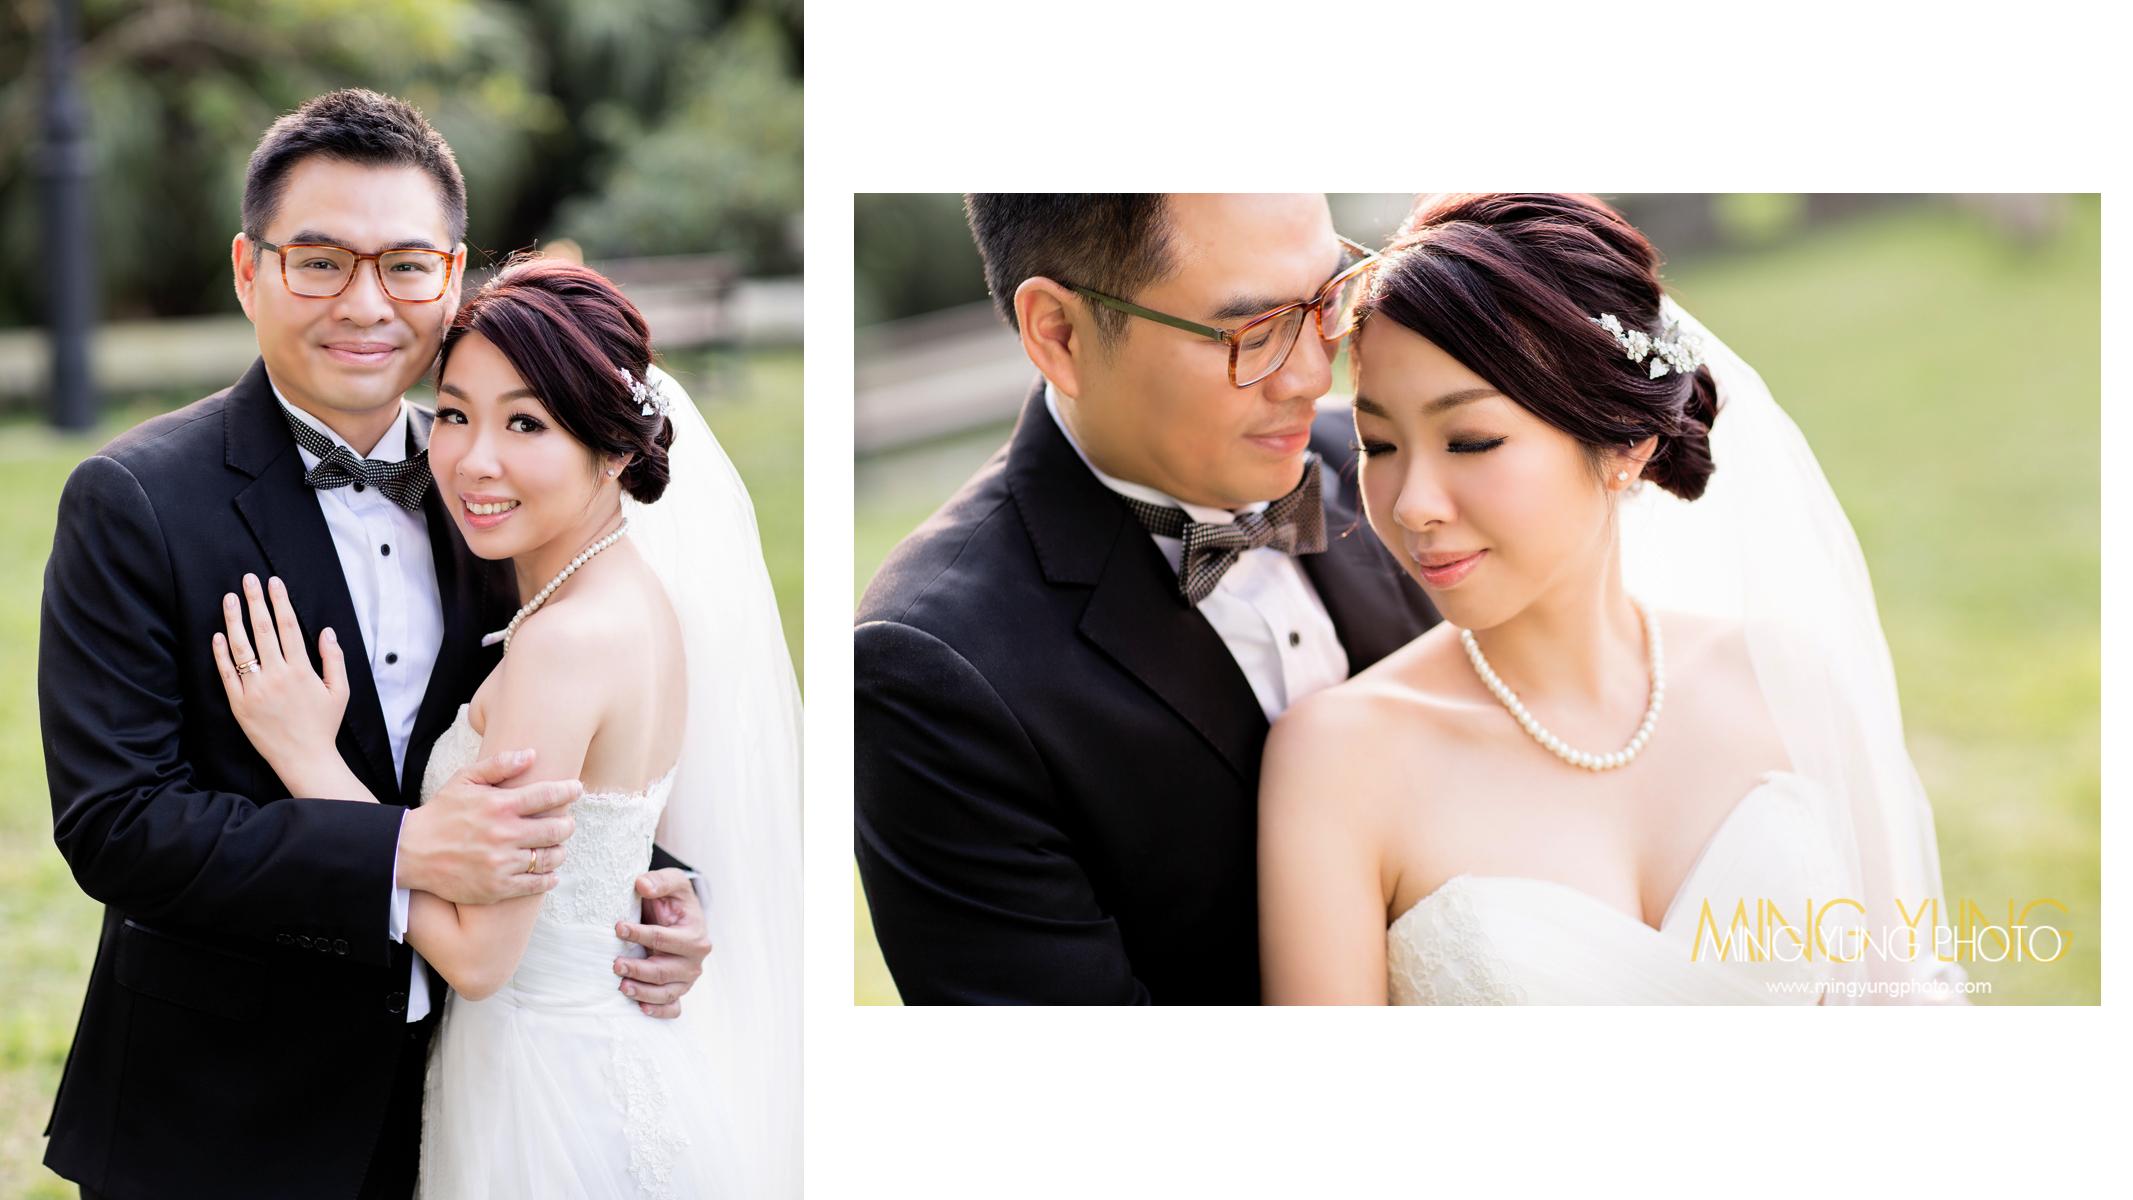 mingyungphoto-20151020-0010